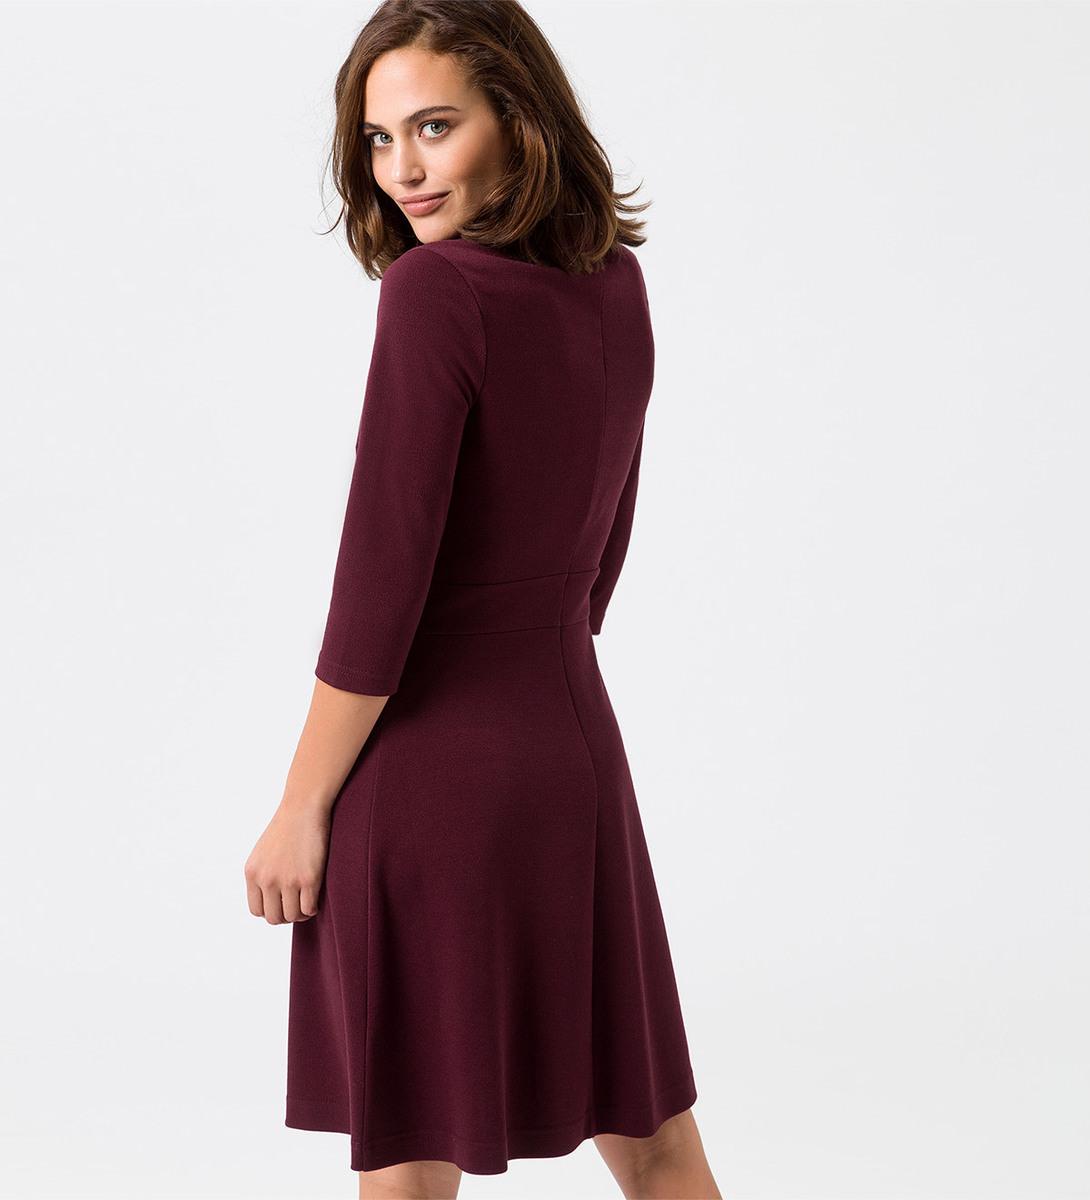 Kleid mit Rollkragen in grape red